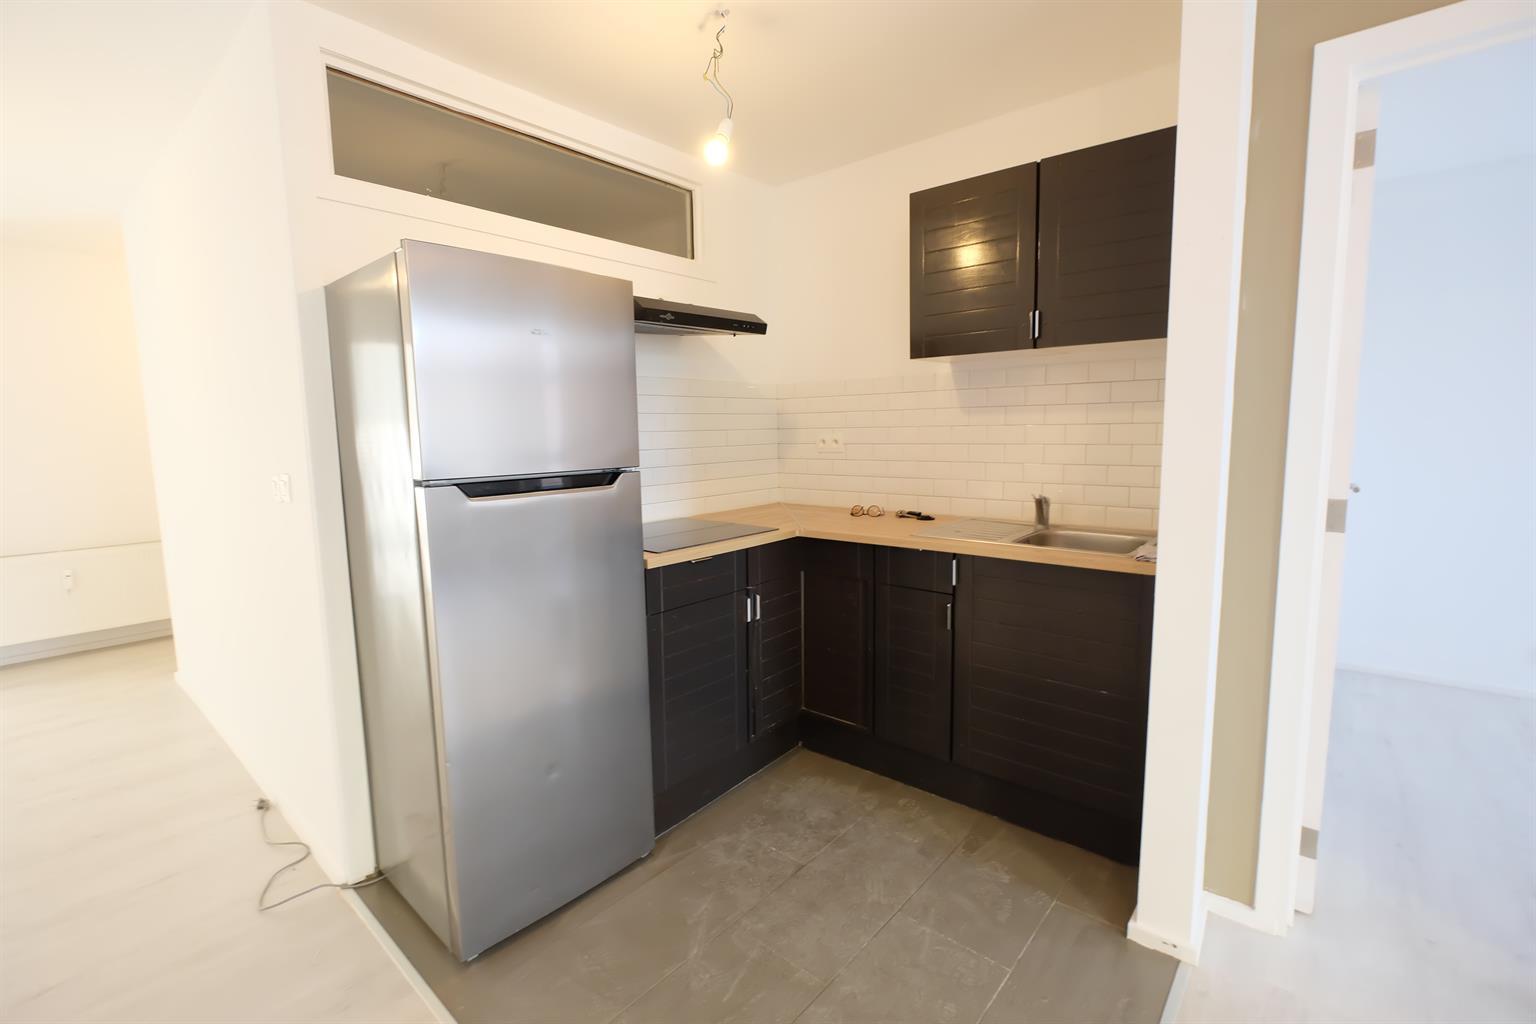 Appartement - Braine-le-Comte Ronquières - #4170185-5